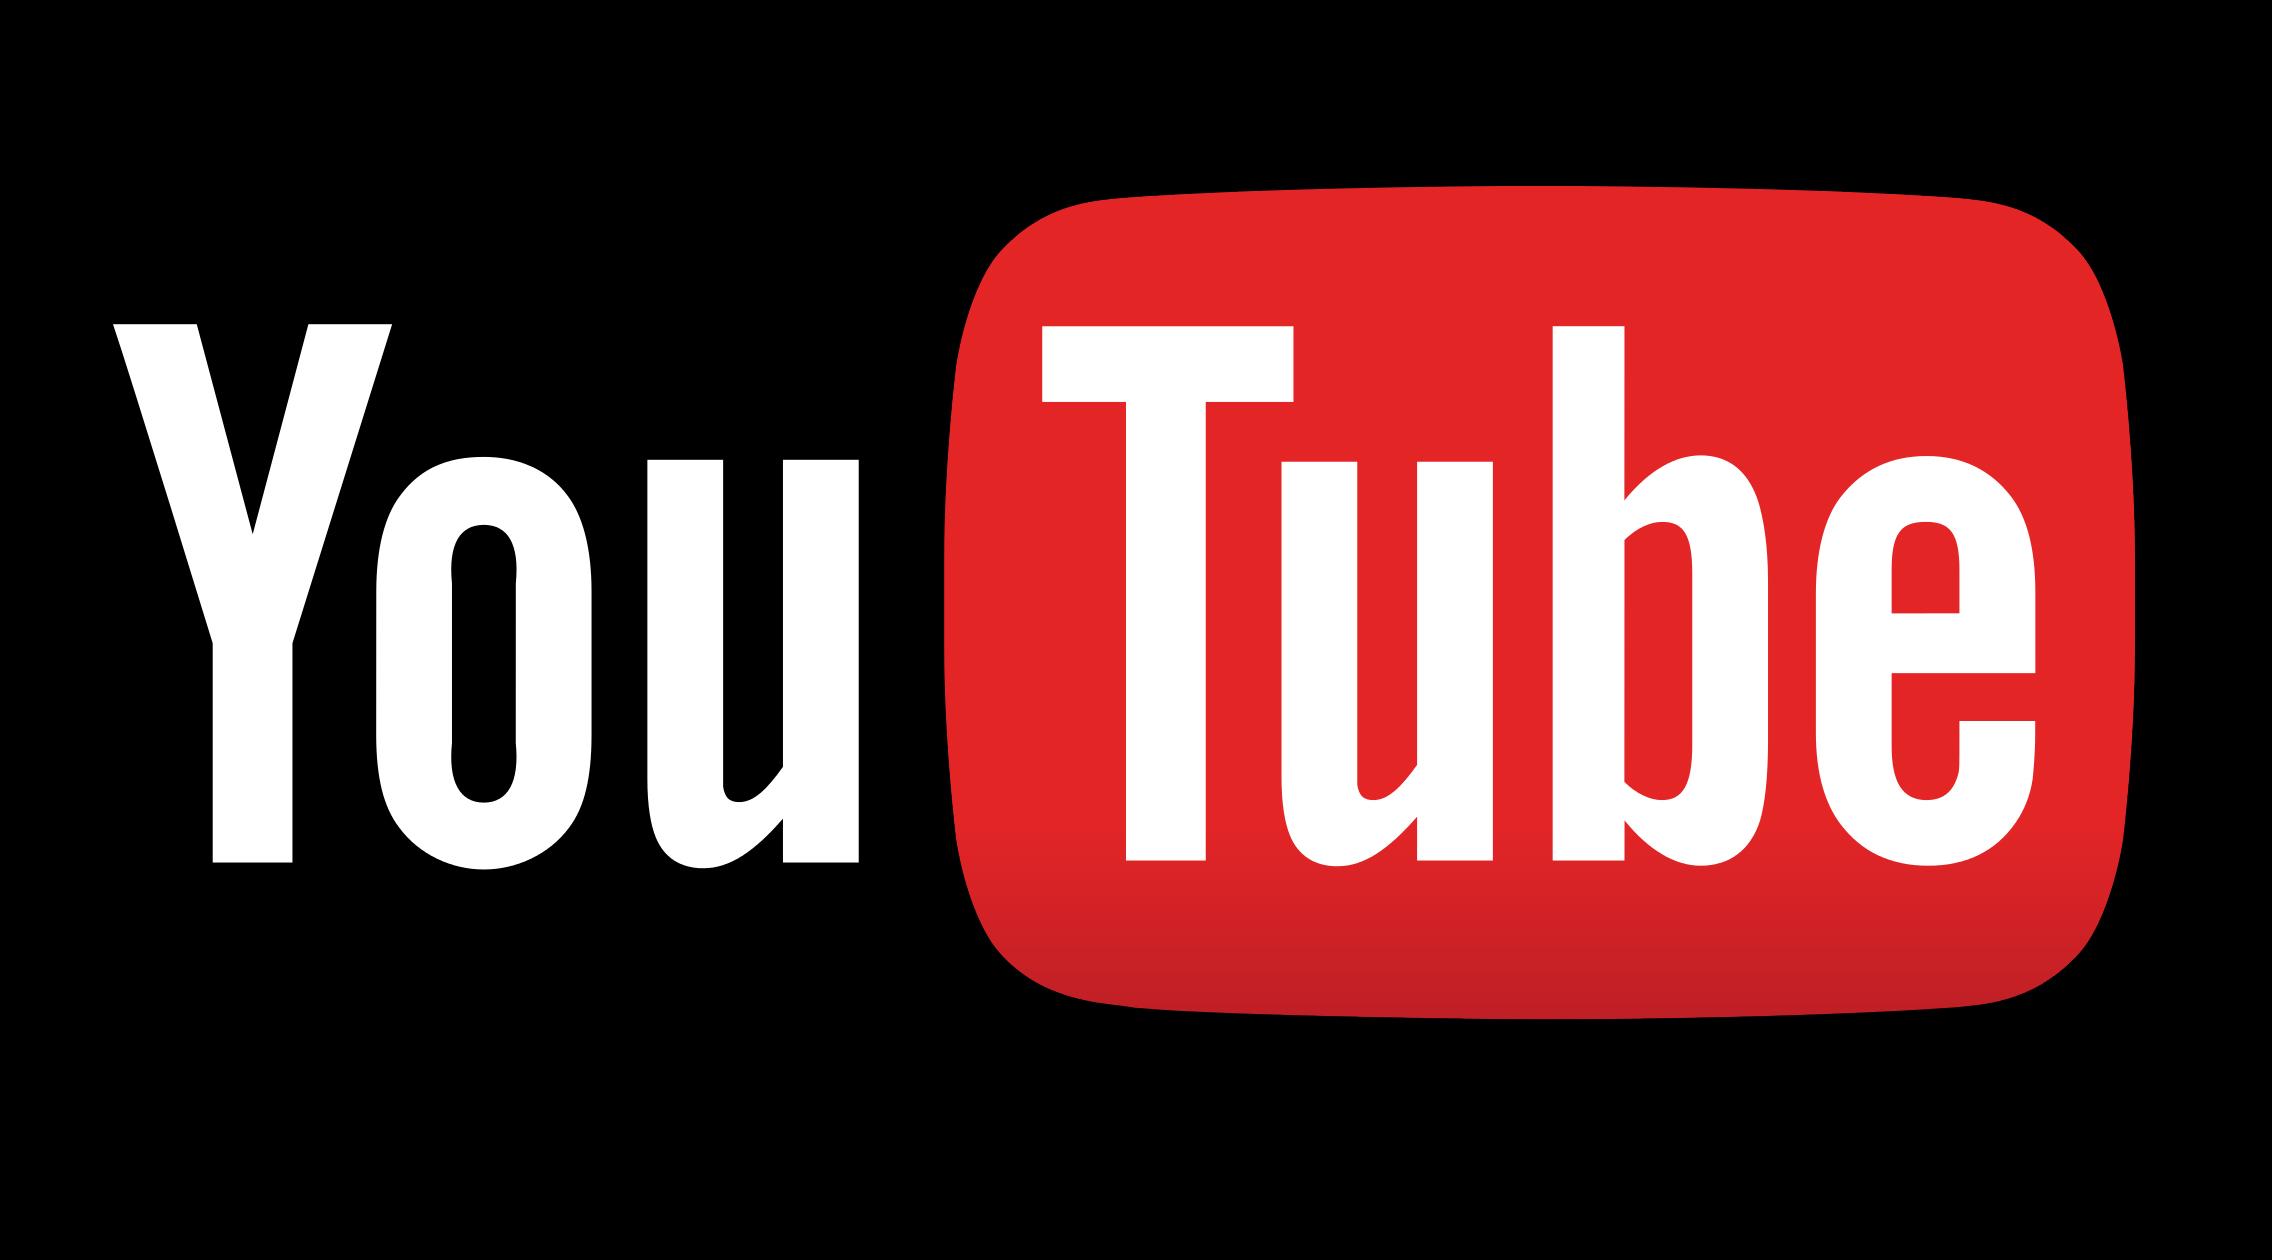 【2019年】YouTube おすすめアプリランキン …